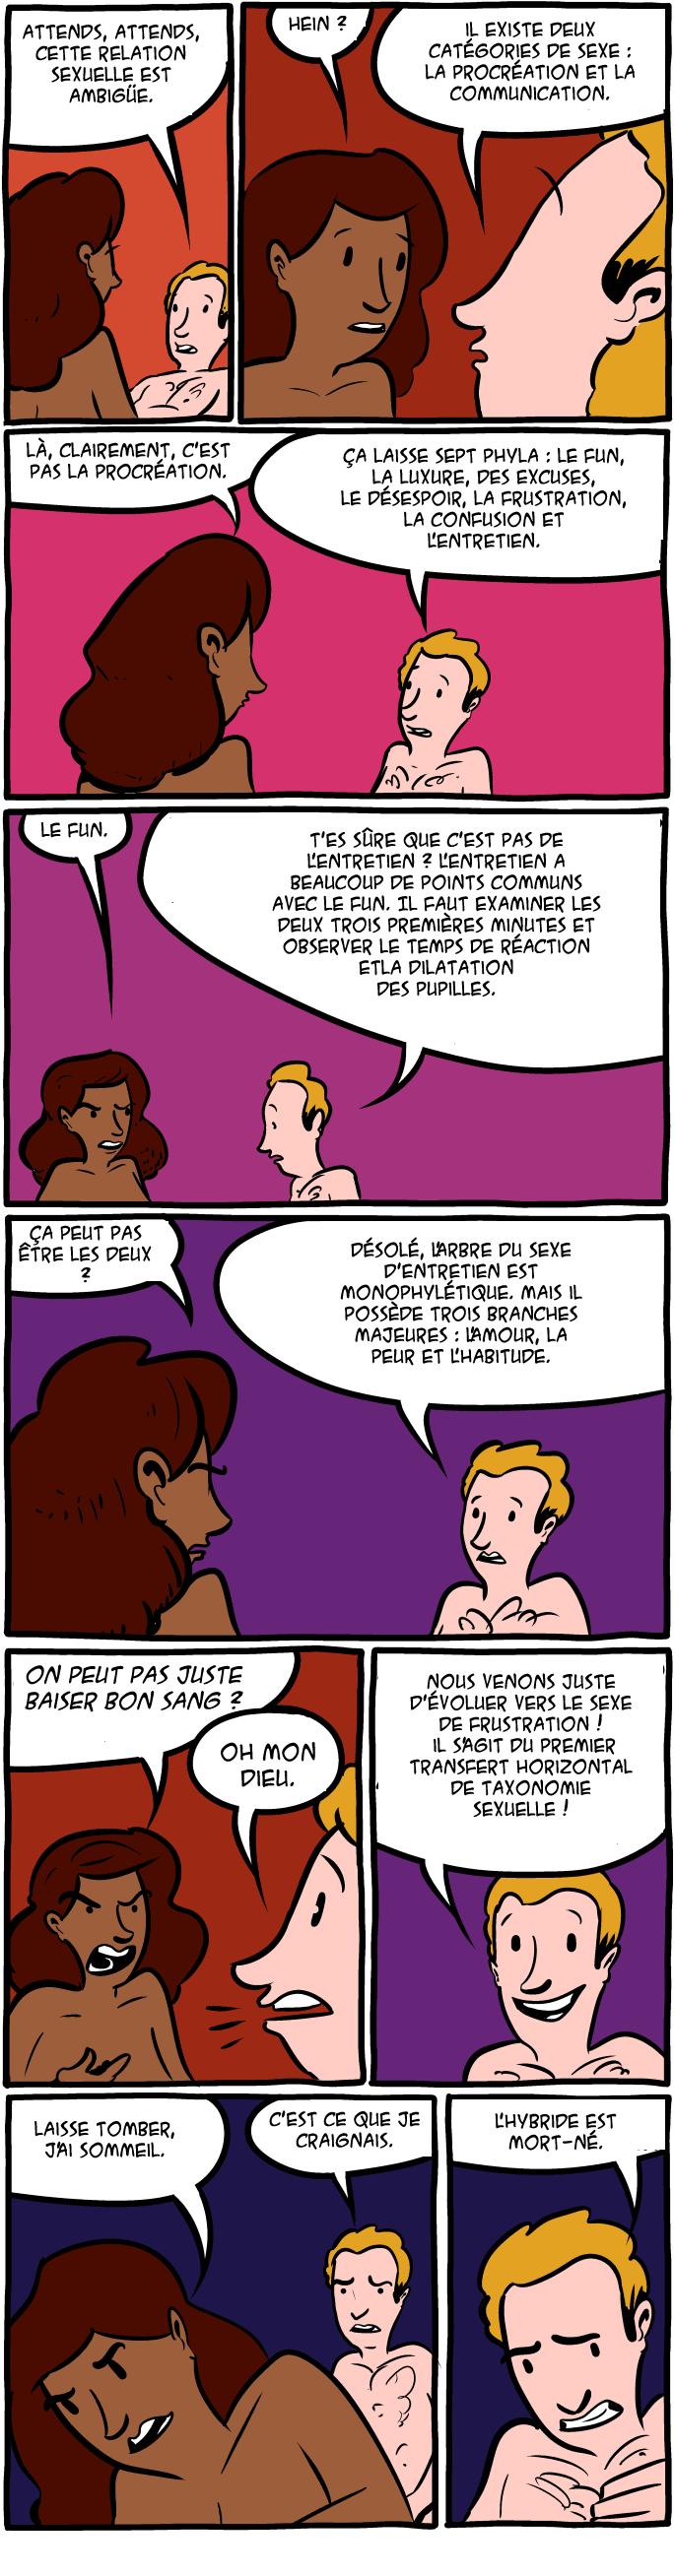 le sexe de la bande dessinée la violence sexuelle